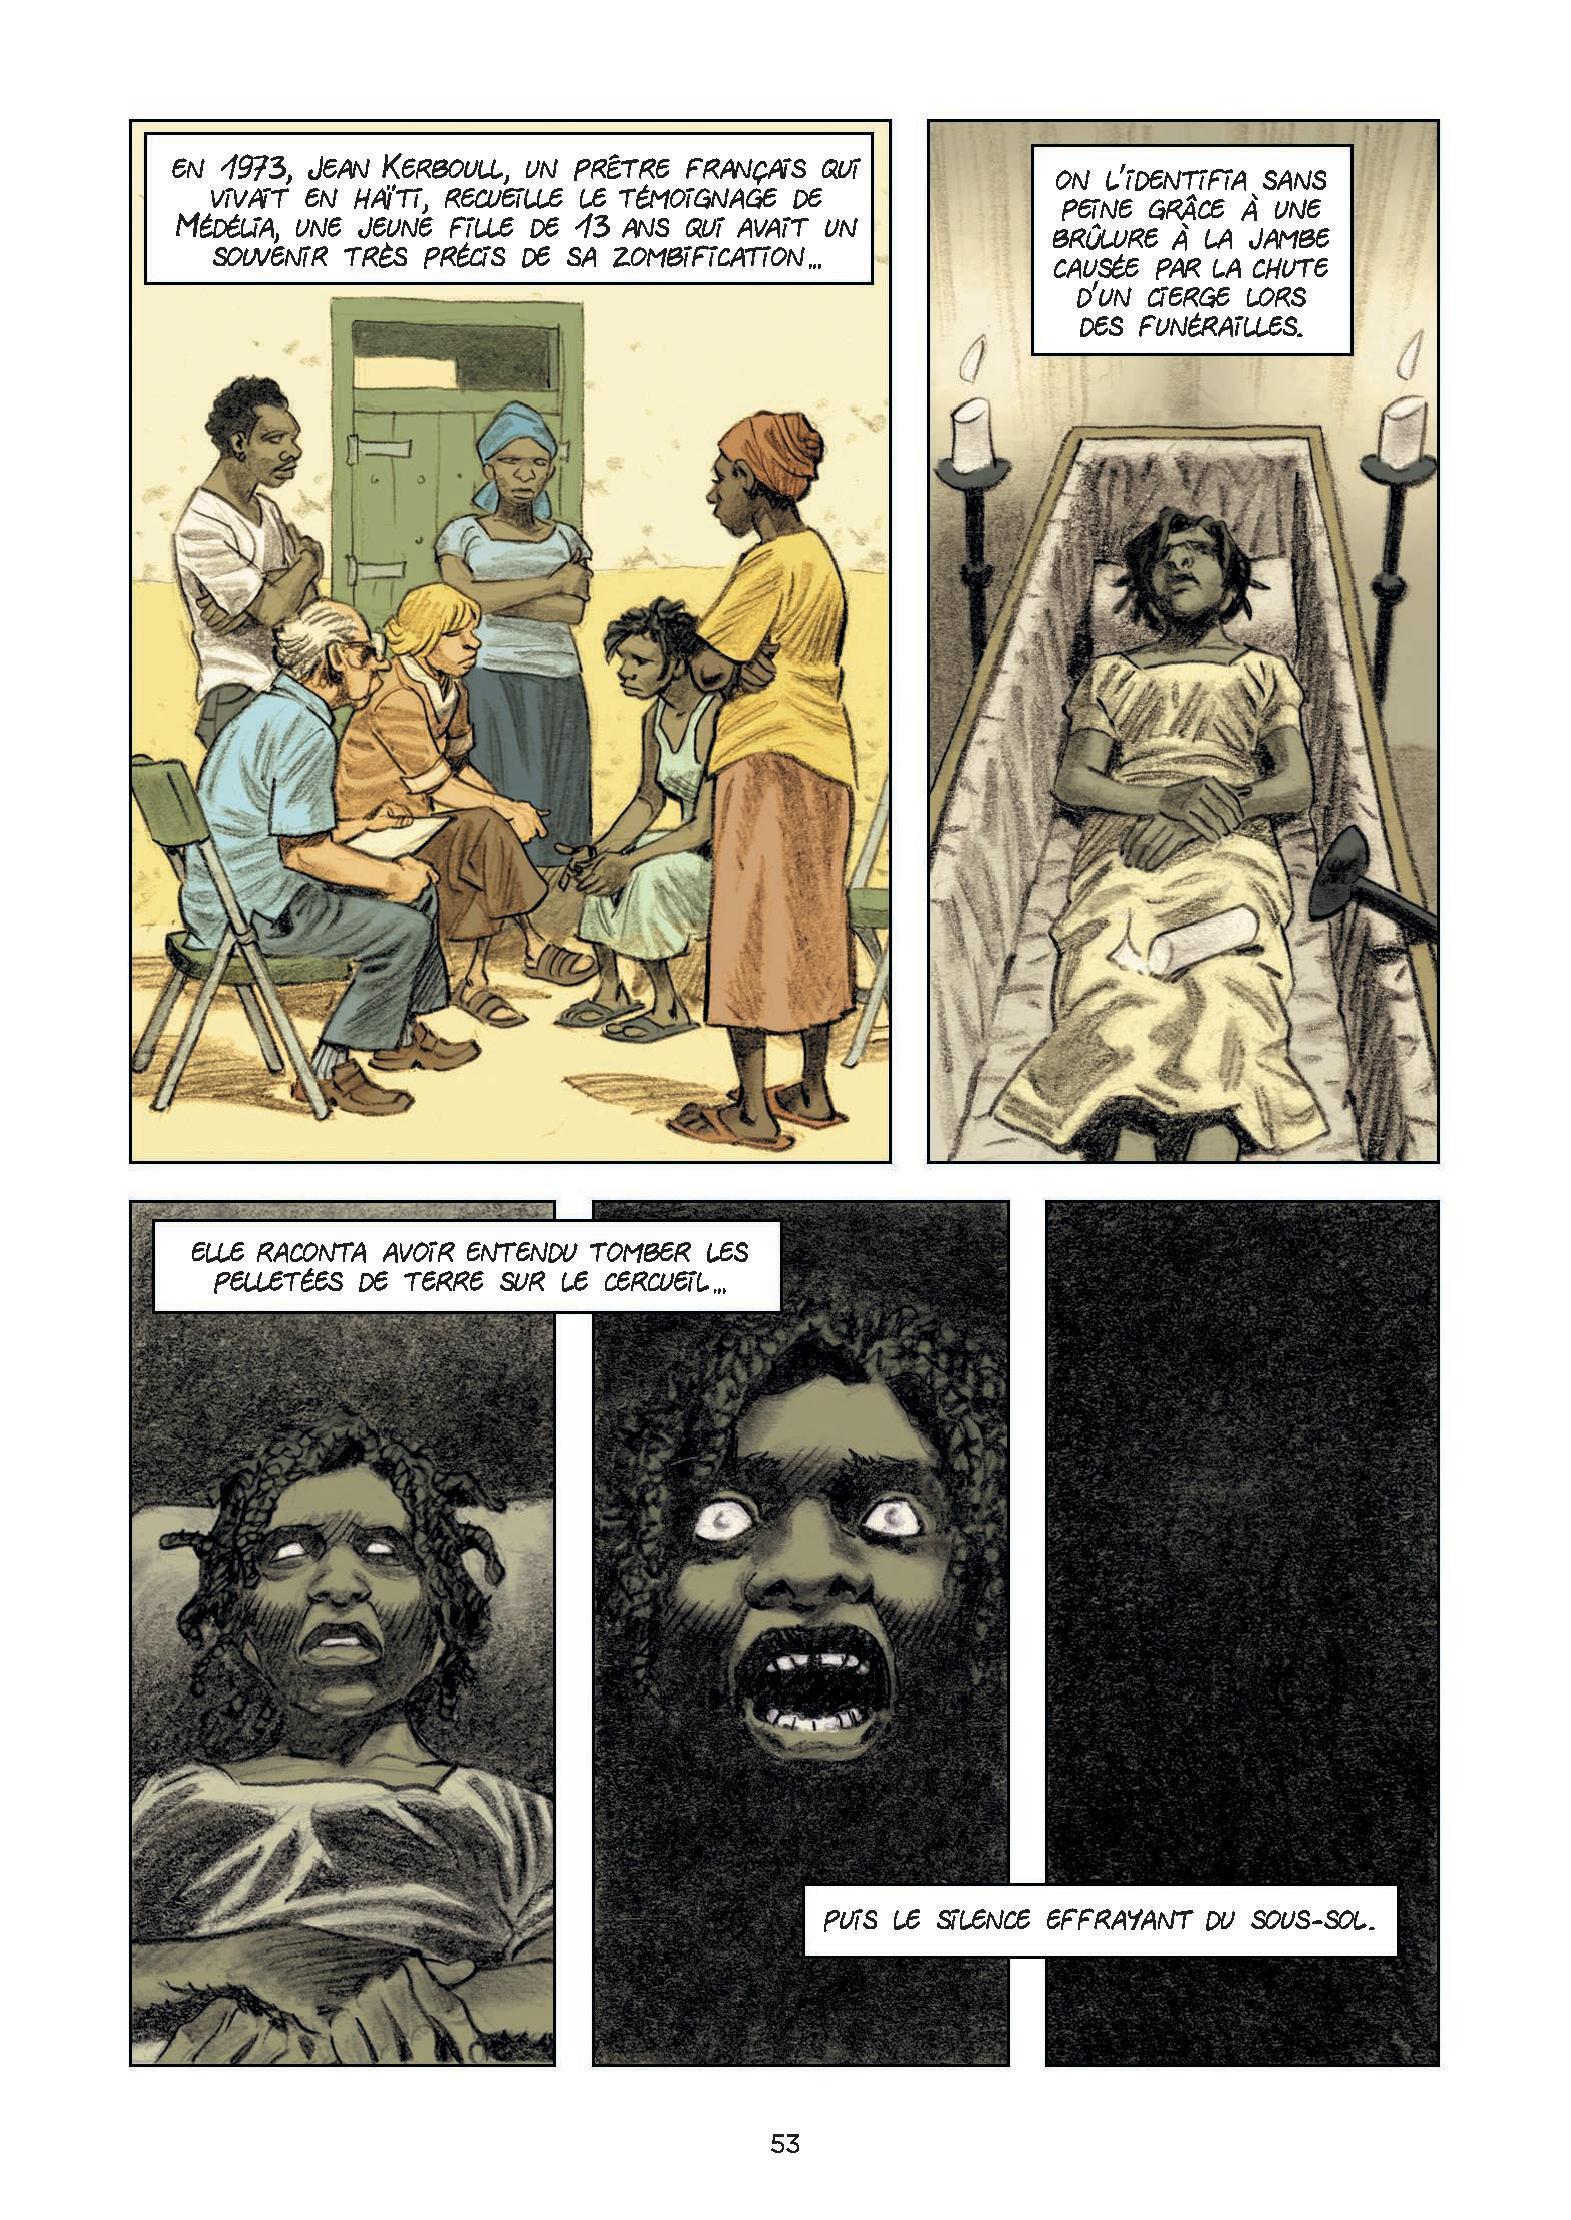 Les personnes empoisonnées pour être zombifiées restent conscientes de tout ce qui se passe autour de leur corps.